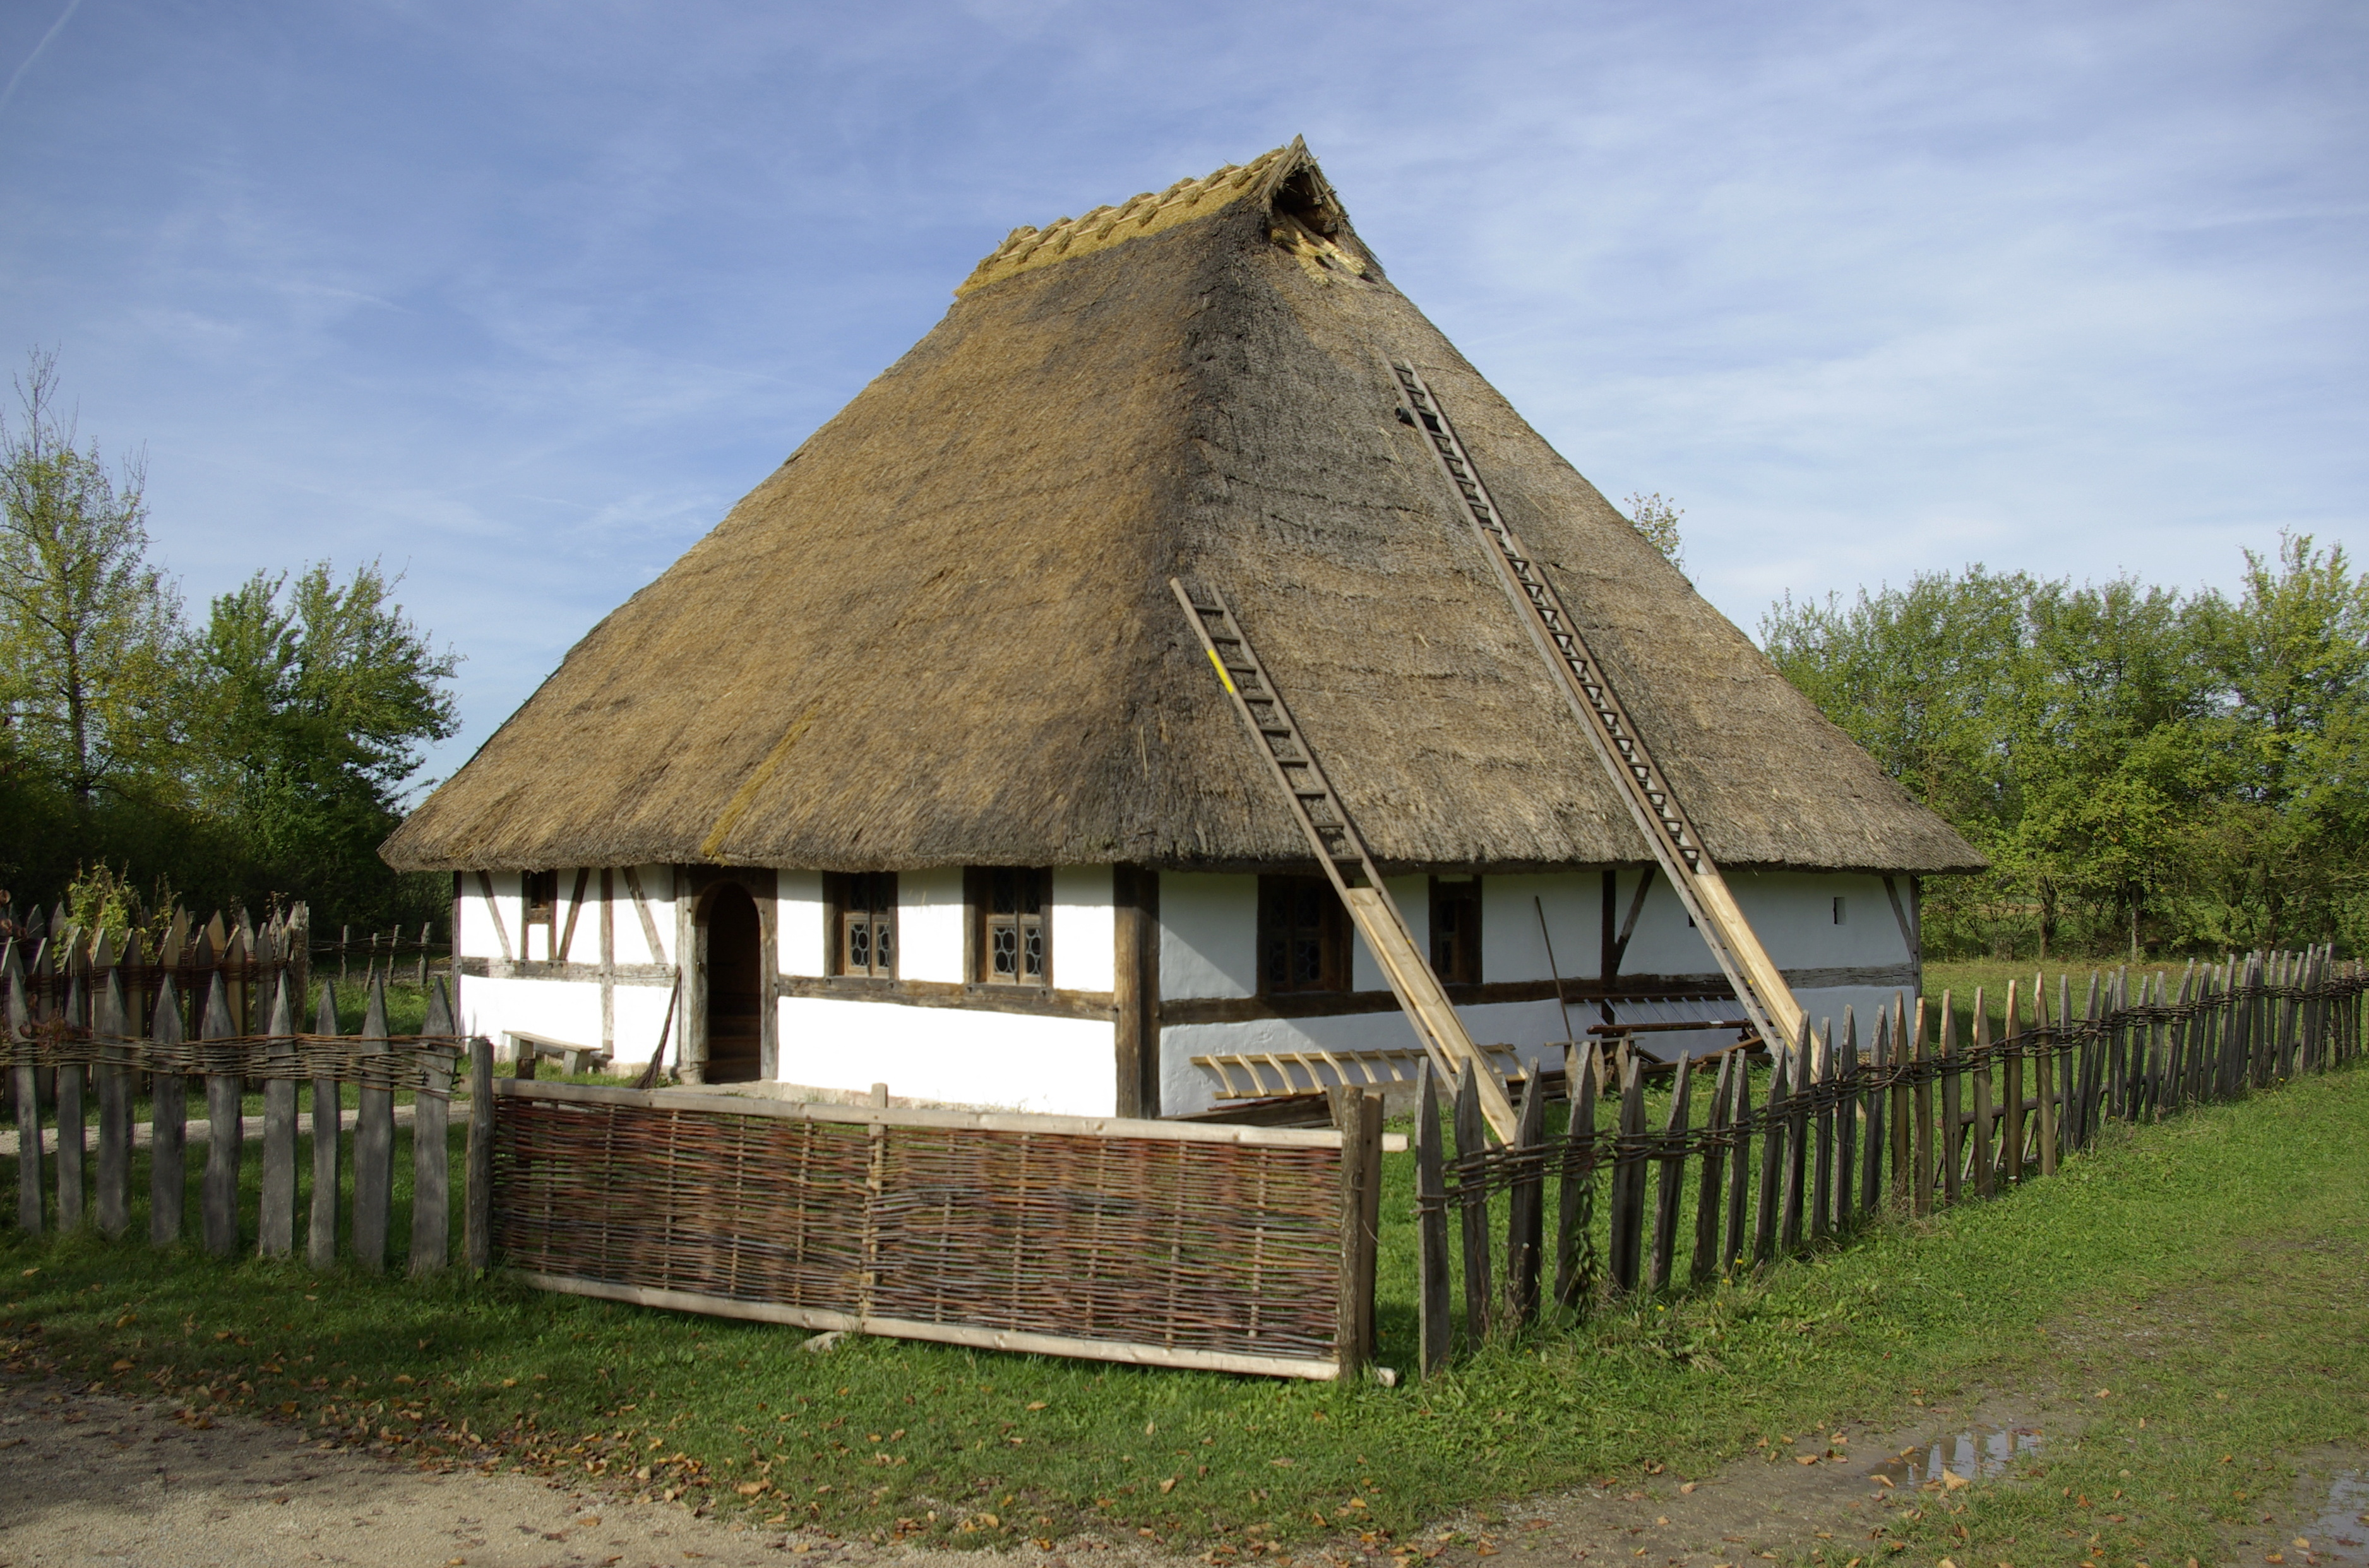 schwedenhaus (franken) – wikipedia